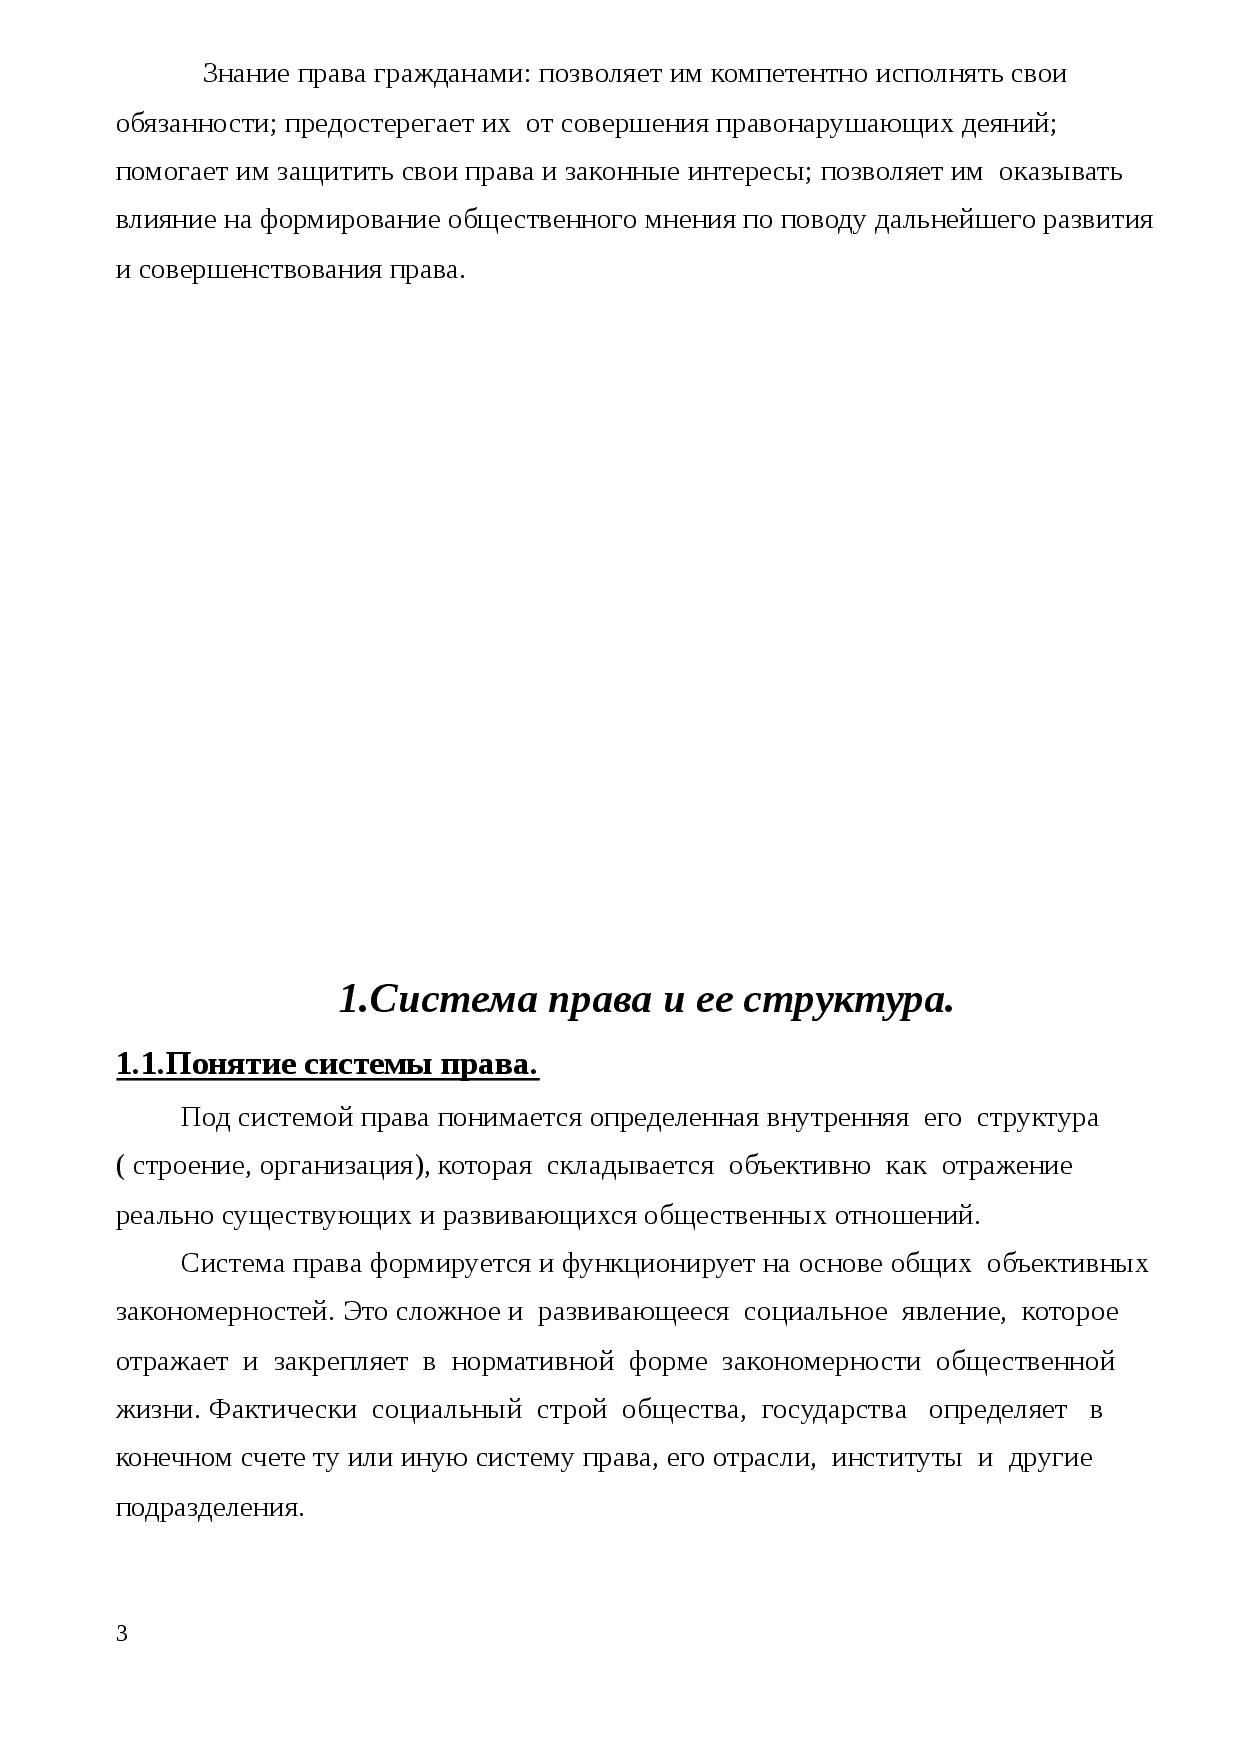 Понятие и структура системы права. что такое система права? :: businessman.ru